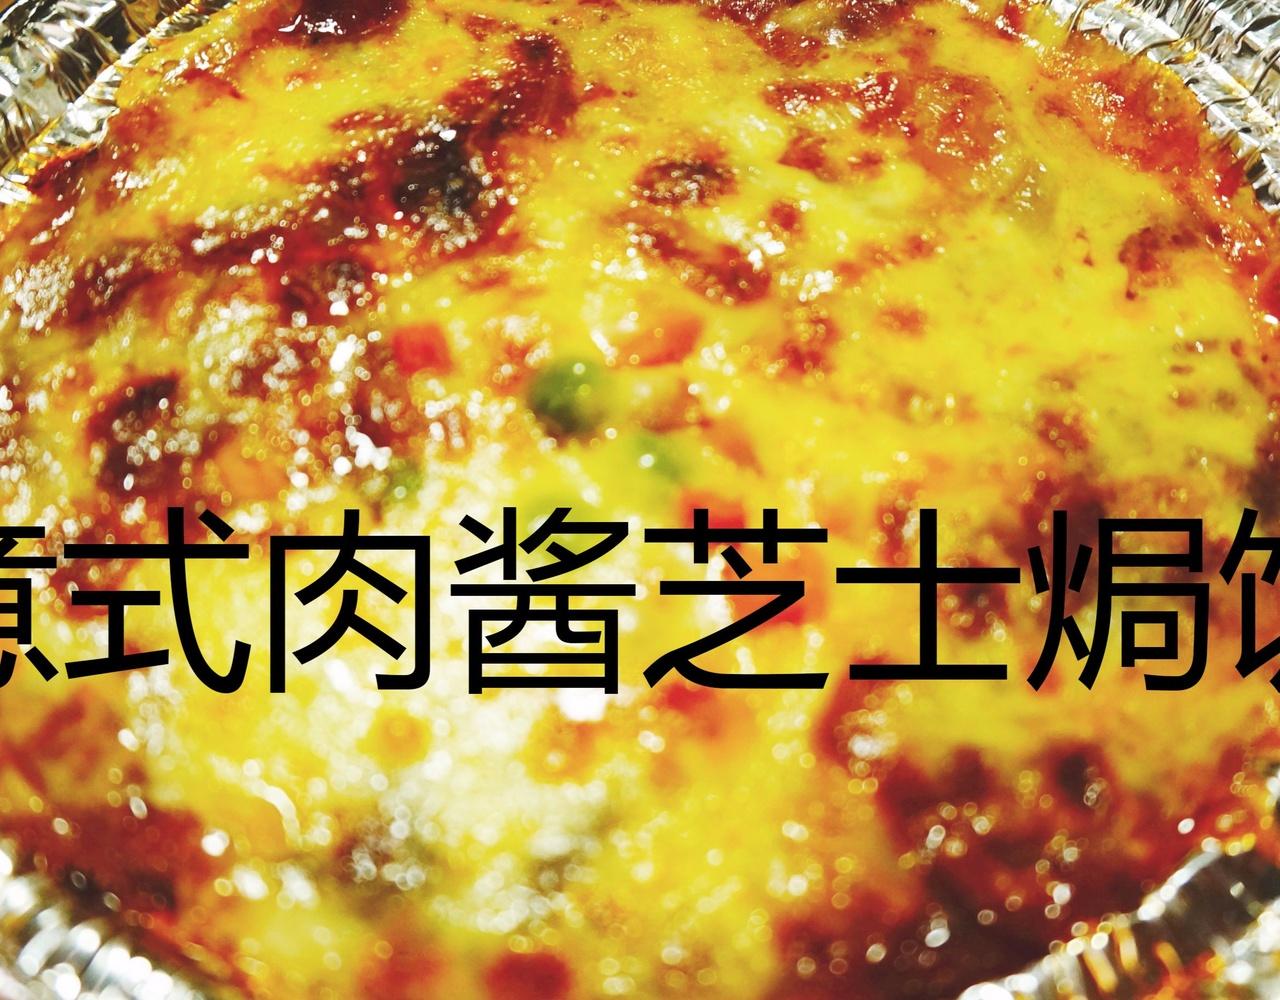 【芝士焗饭】双倍芝士特浓肉酱芝士焗饭吃播